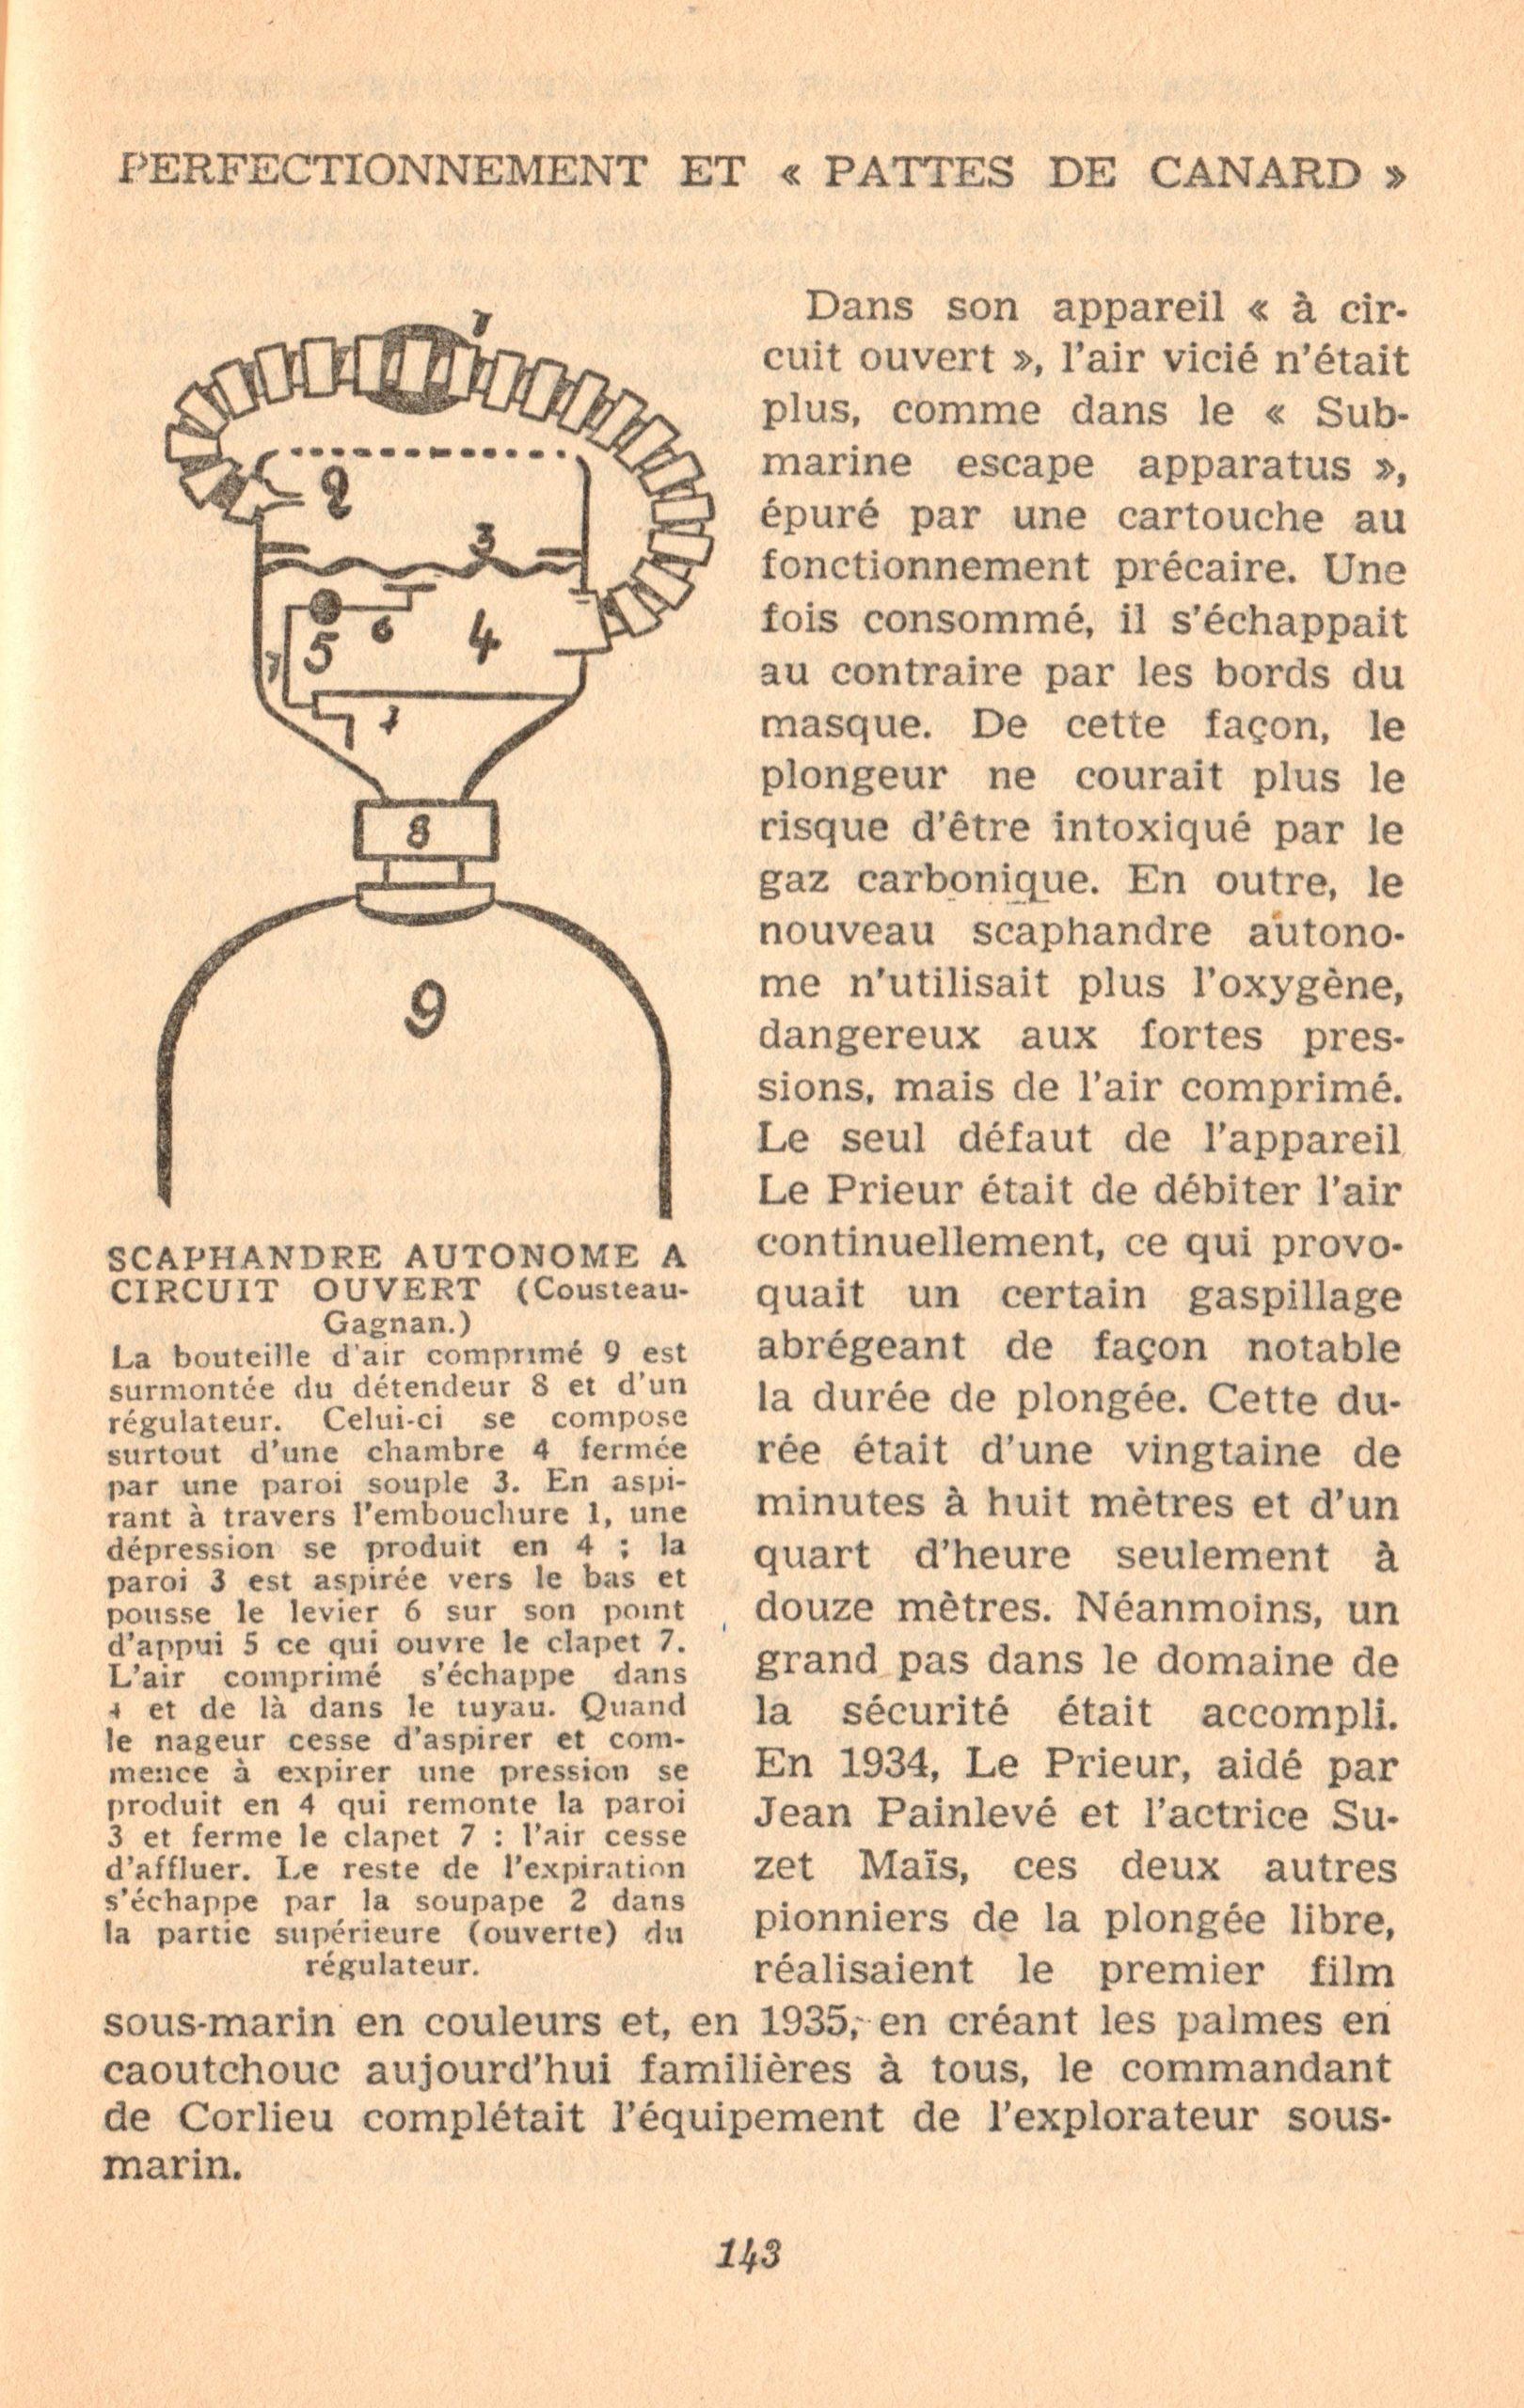 p143, La conquête des fonds sous-marins, marabout chercheur